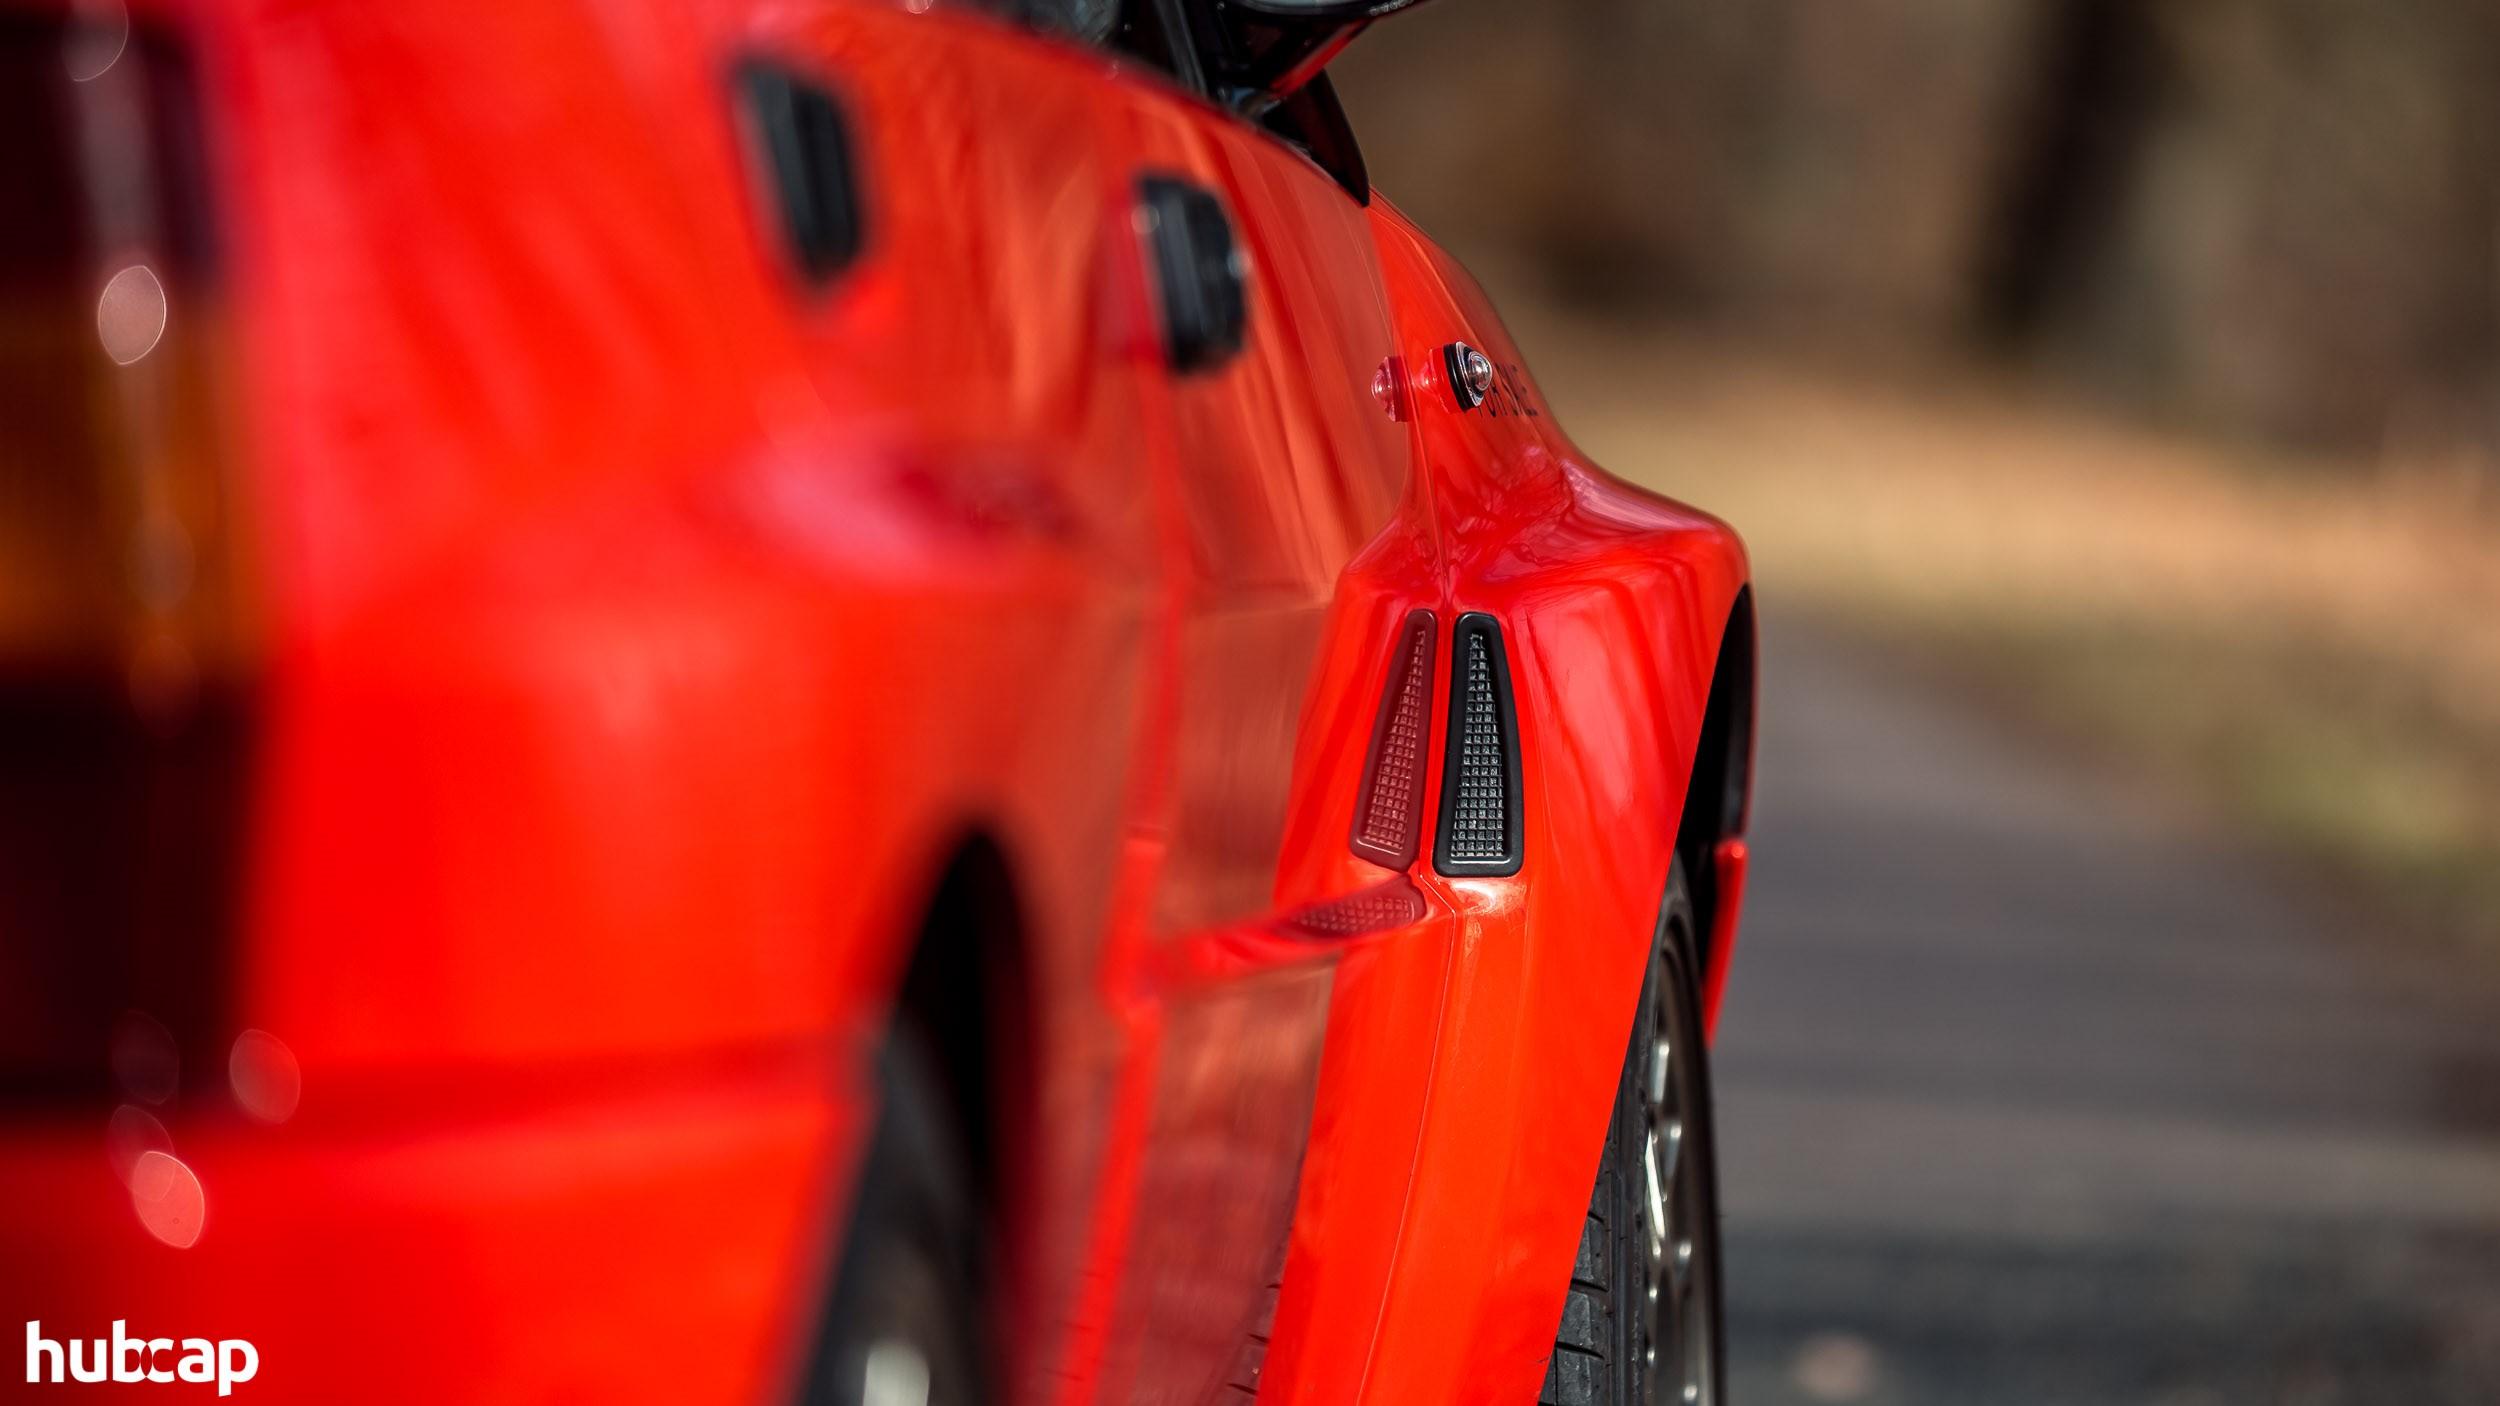 Lancia Delta HF Integrale Evo 1 de gezinsauto die een legendarische rallyauto werd 05